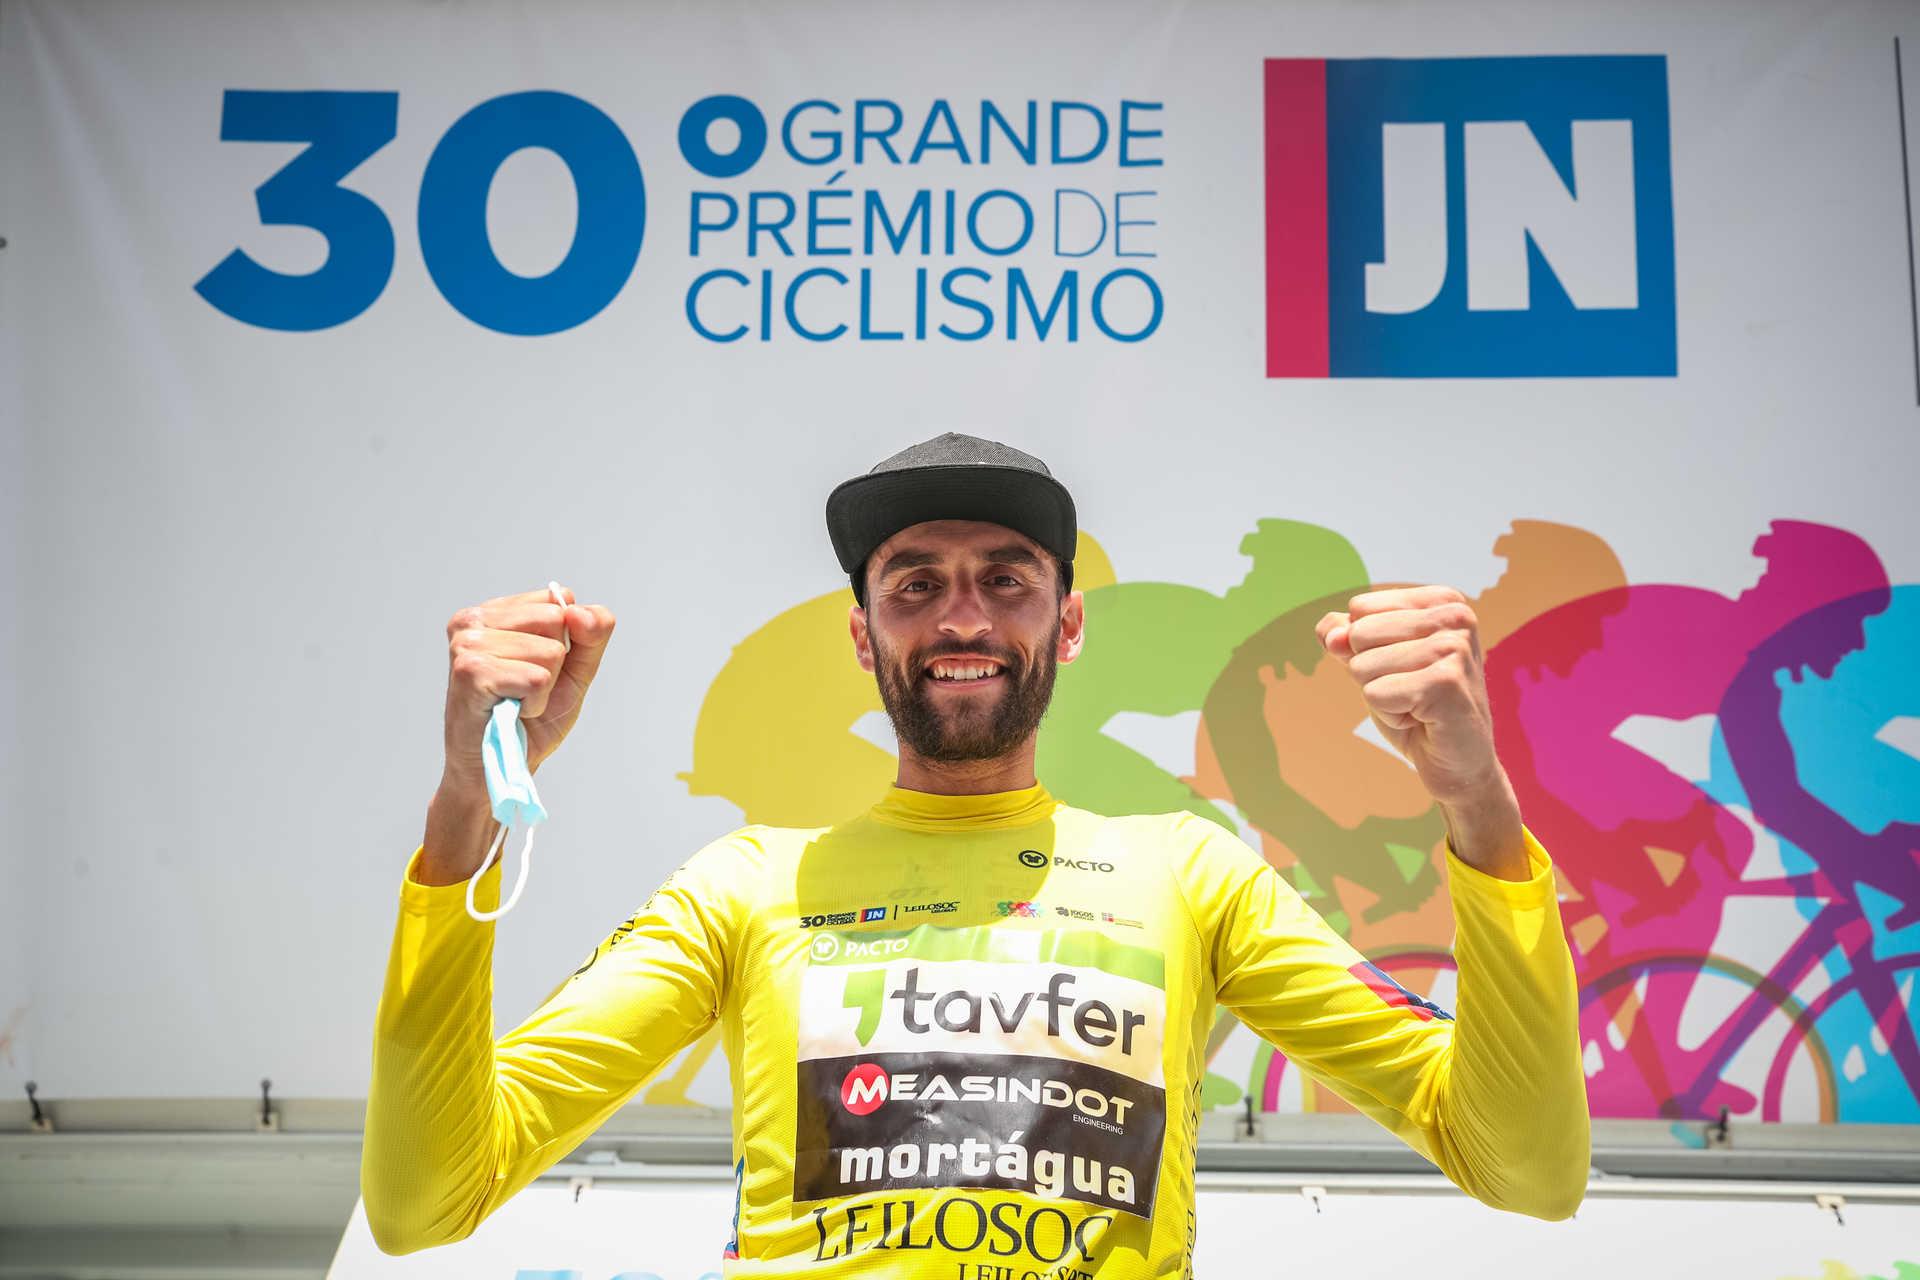 César Martingil não perdoa na chegada a Viana do Castelo! Joaquim Silva é o tão merecido vencedor do GP Jornal de Noticias!